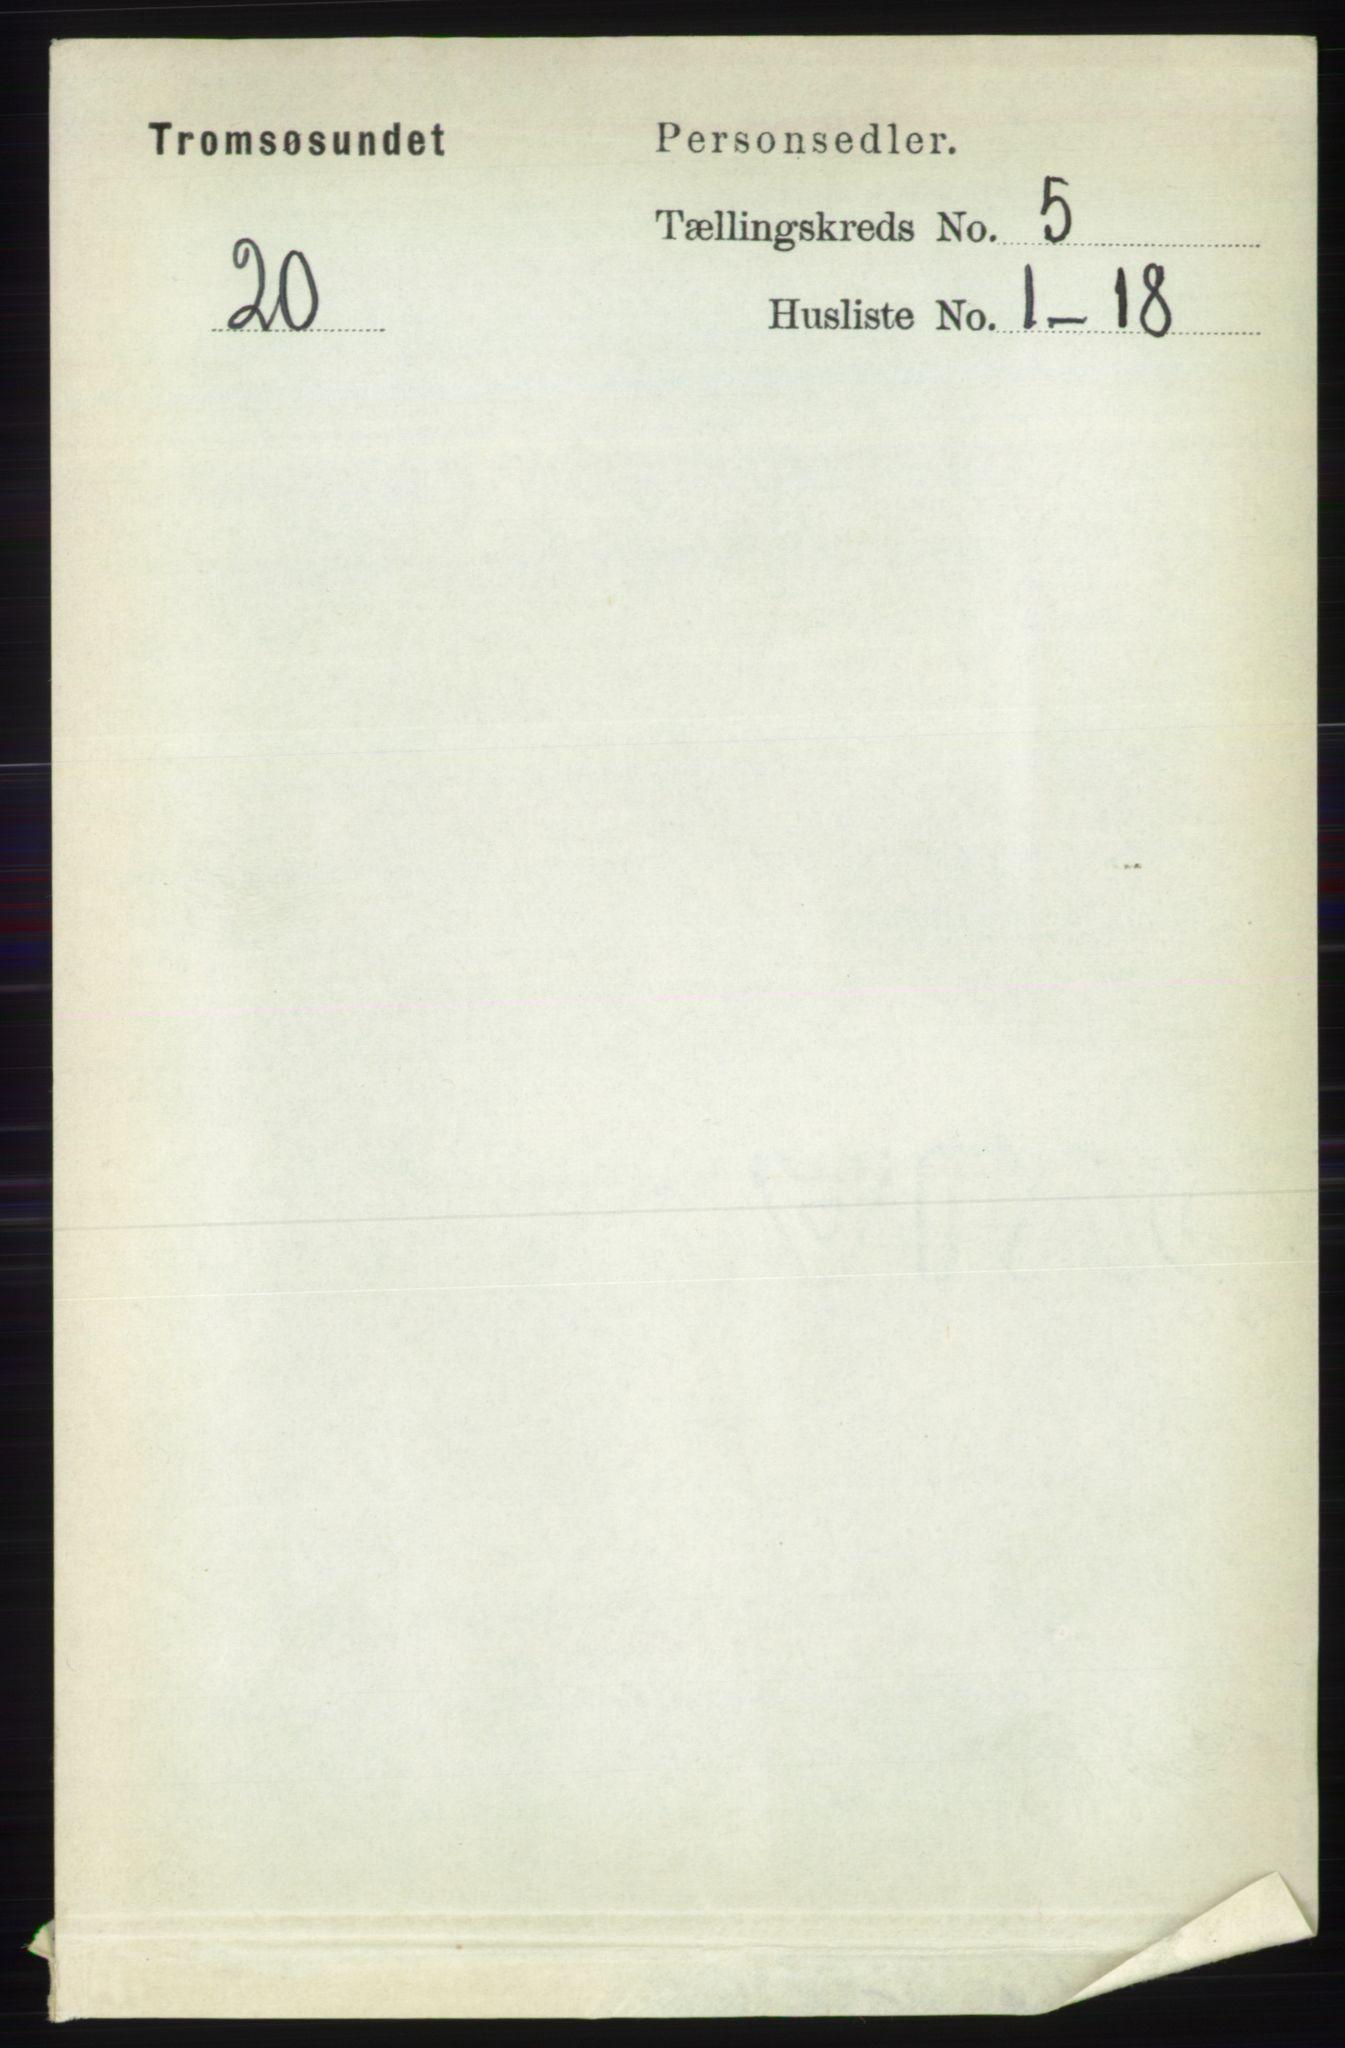 RA, Folketelling 1891 for 1934 Tromsøysund herred, 1891, s. 2323